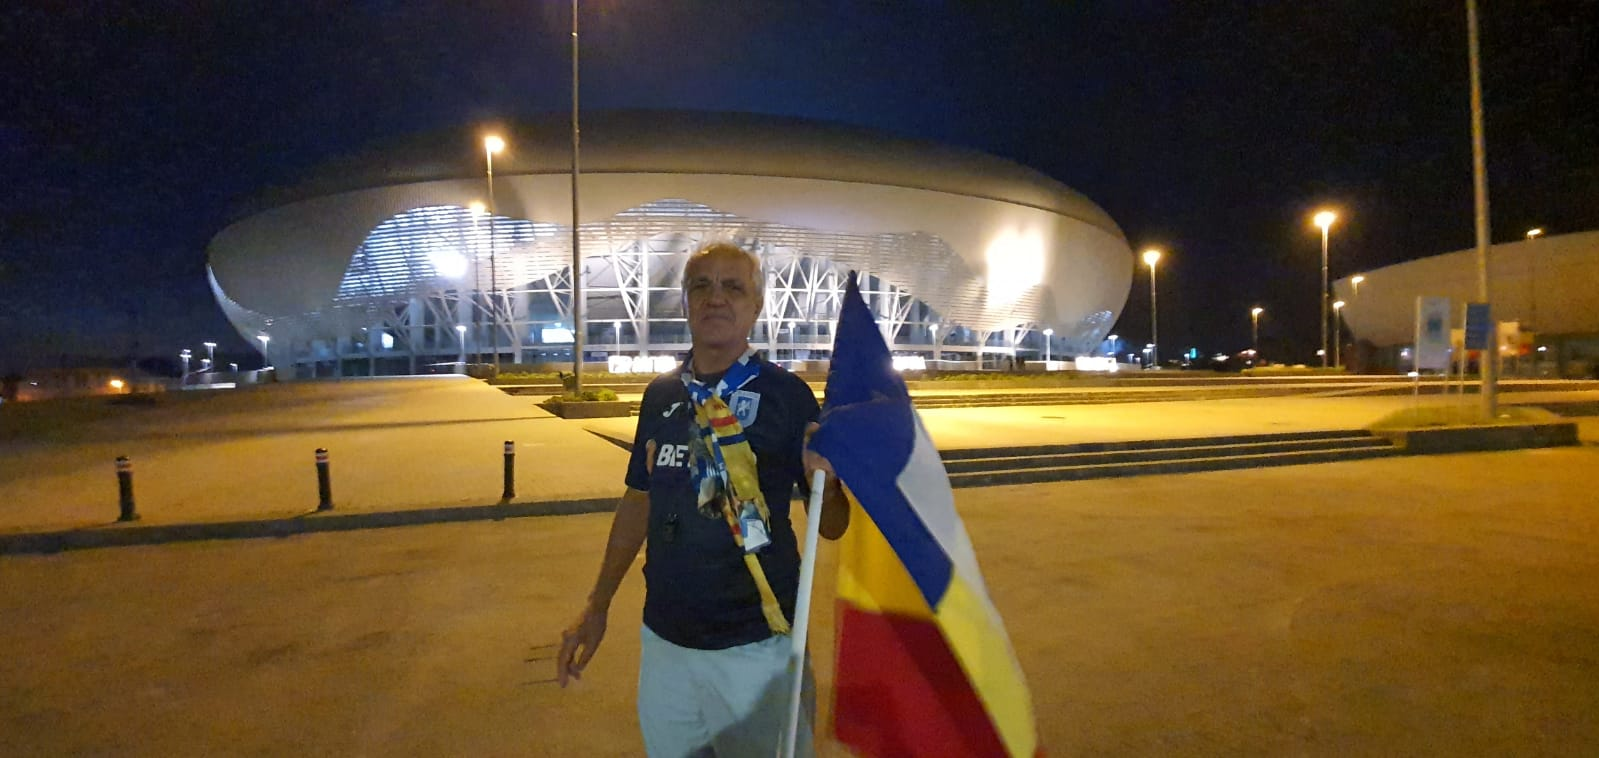 Ion Popa a venit din Băilești doar ca să stea la poarta stadionului în timpul meciului echipei favorite